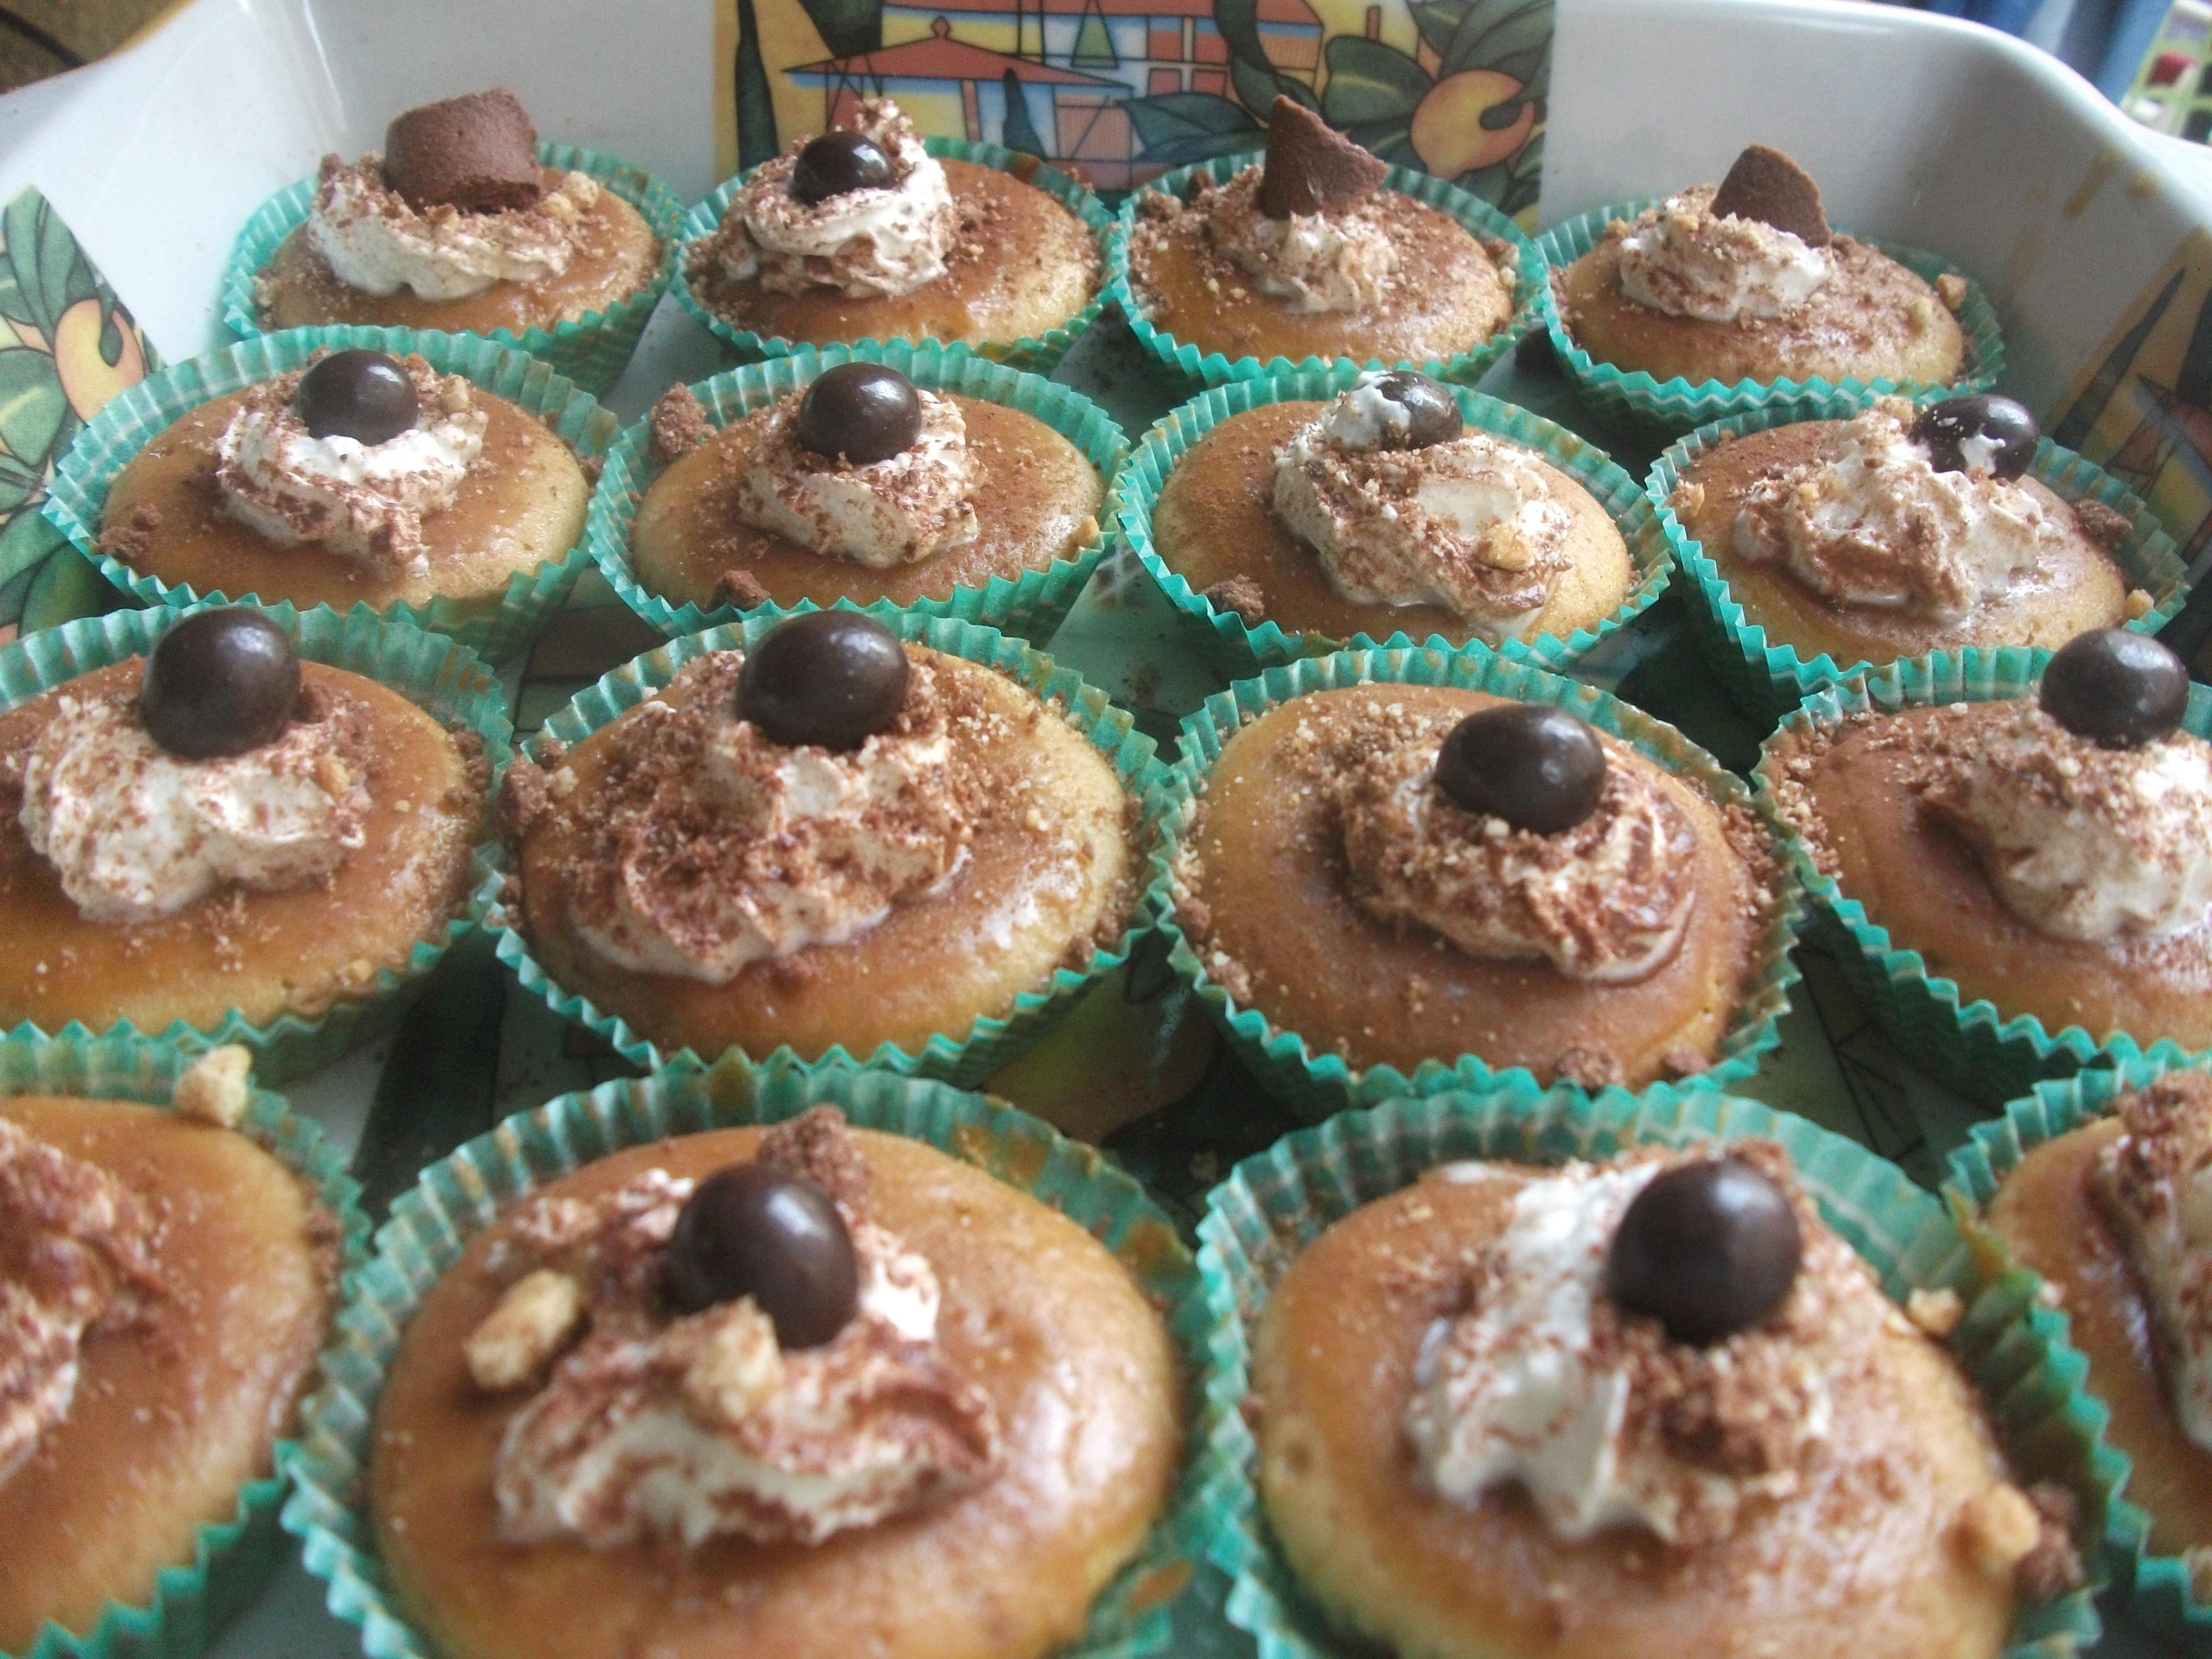 Presentazione cupcakes al cappuccino con glassa al caffè